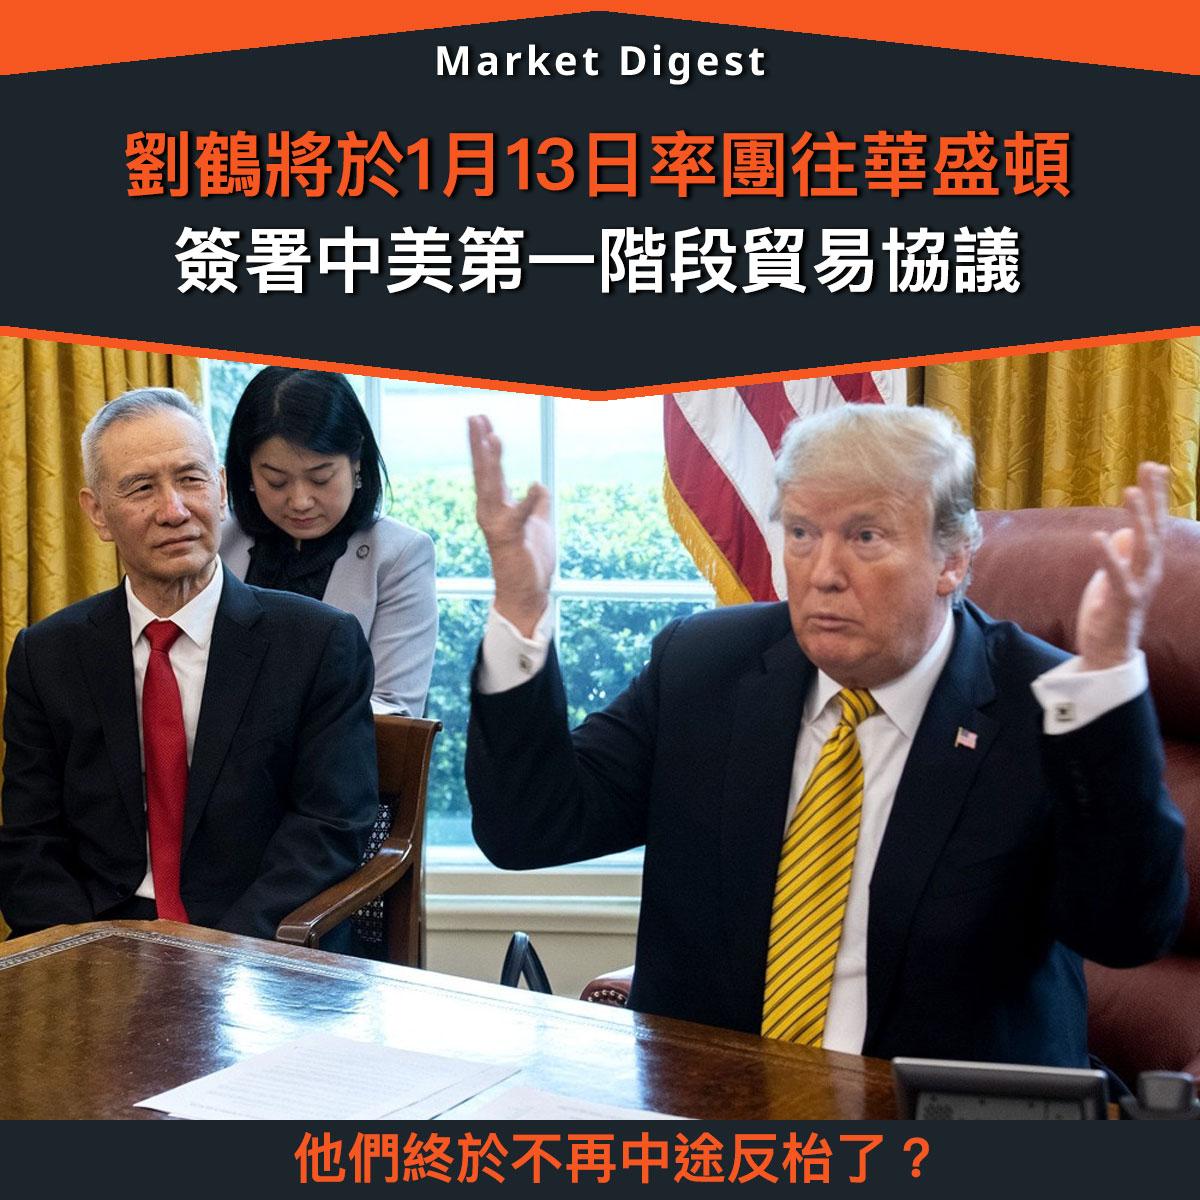 【市場熱話】劉鶴將於1月13日率團往華盛頓簽署協議